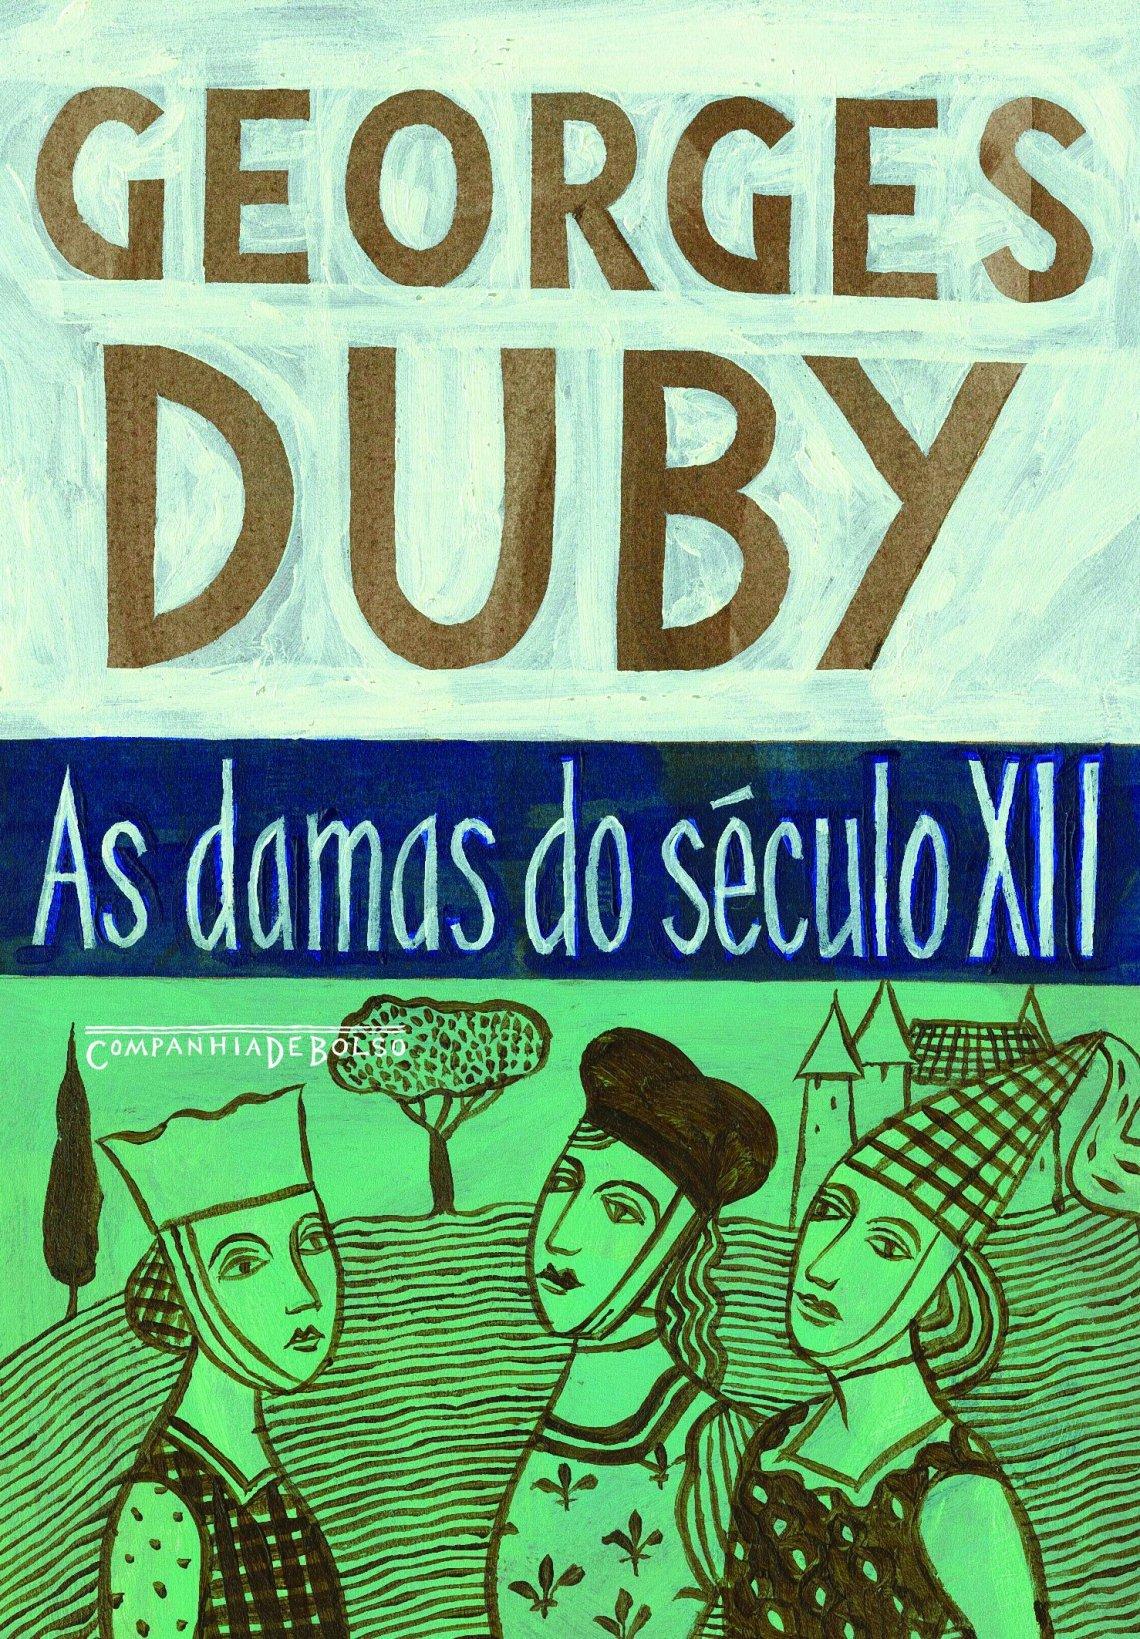 damas 2